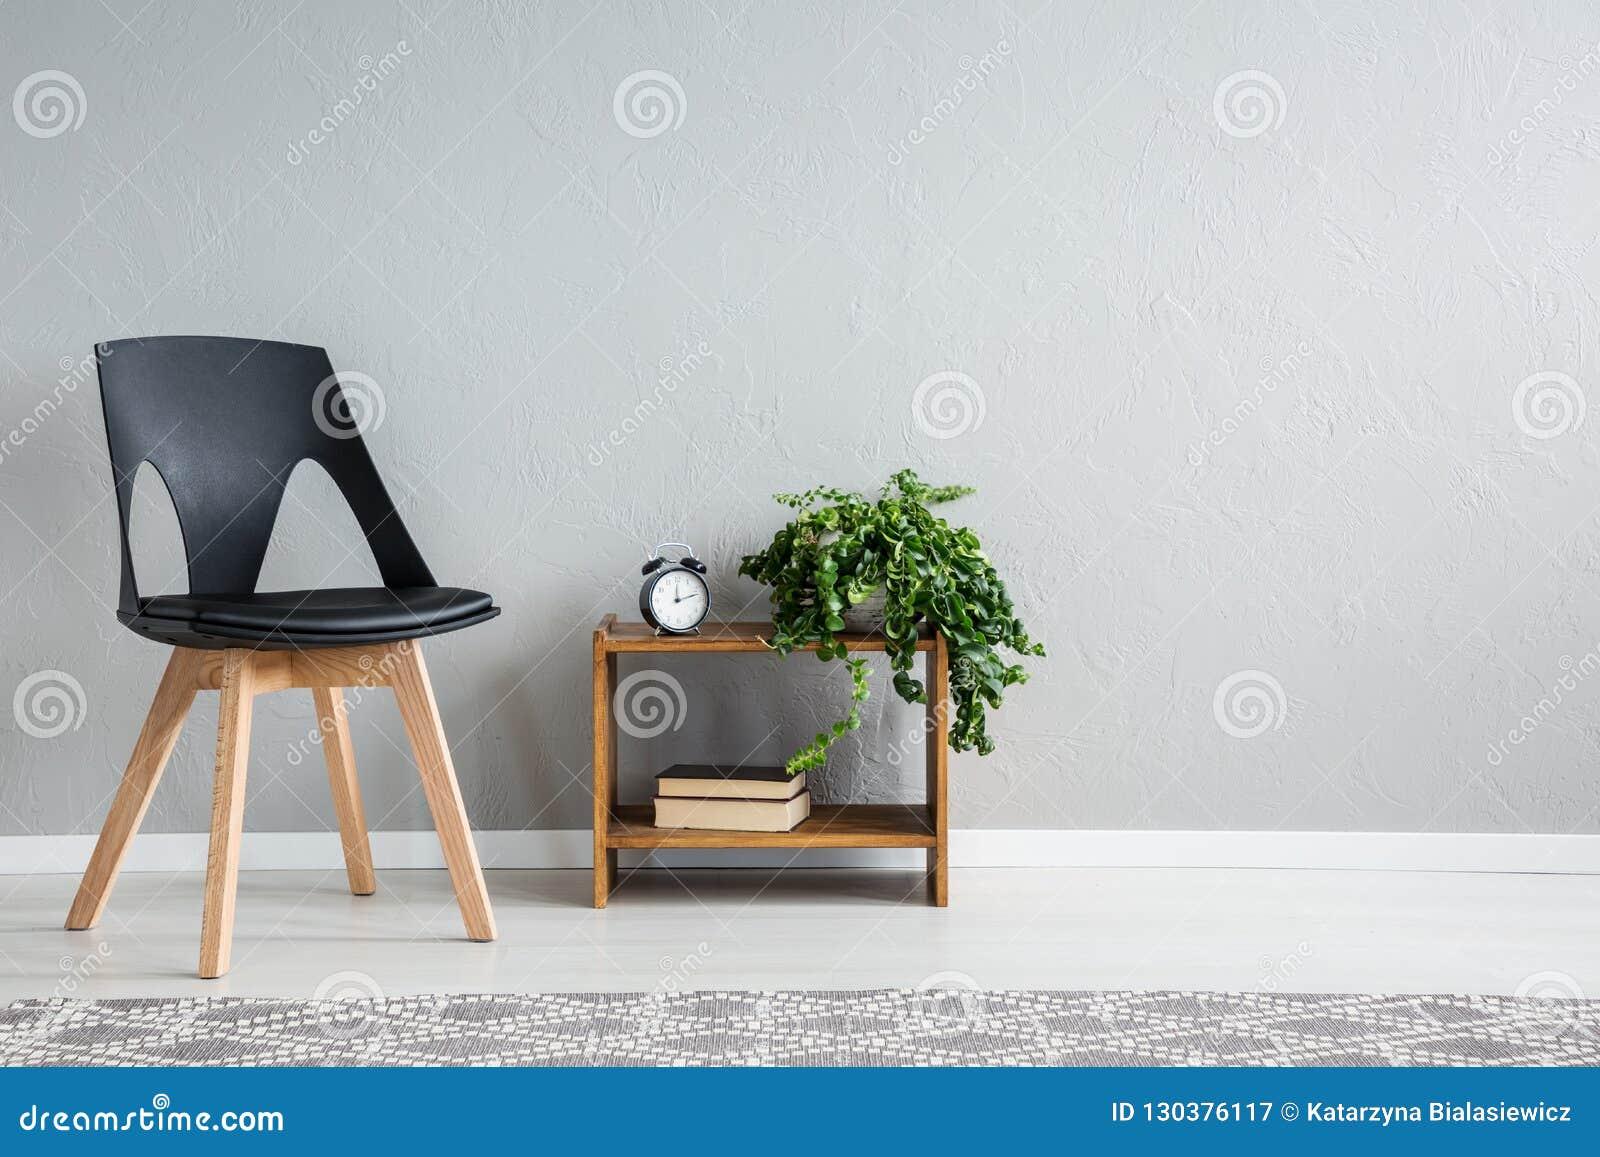 Sedia nera alla moda accanto allo scaffale con due libri, l orologio e la pianta verde in vaso